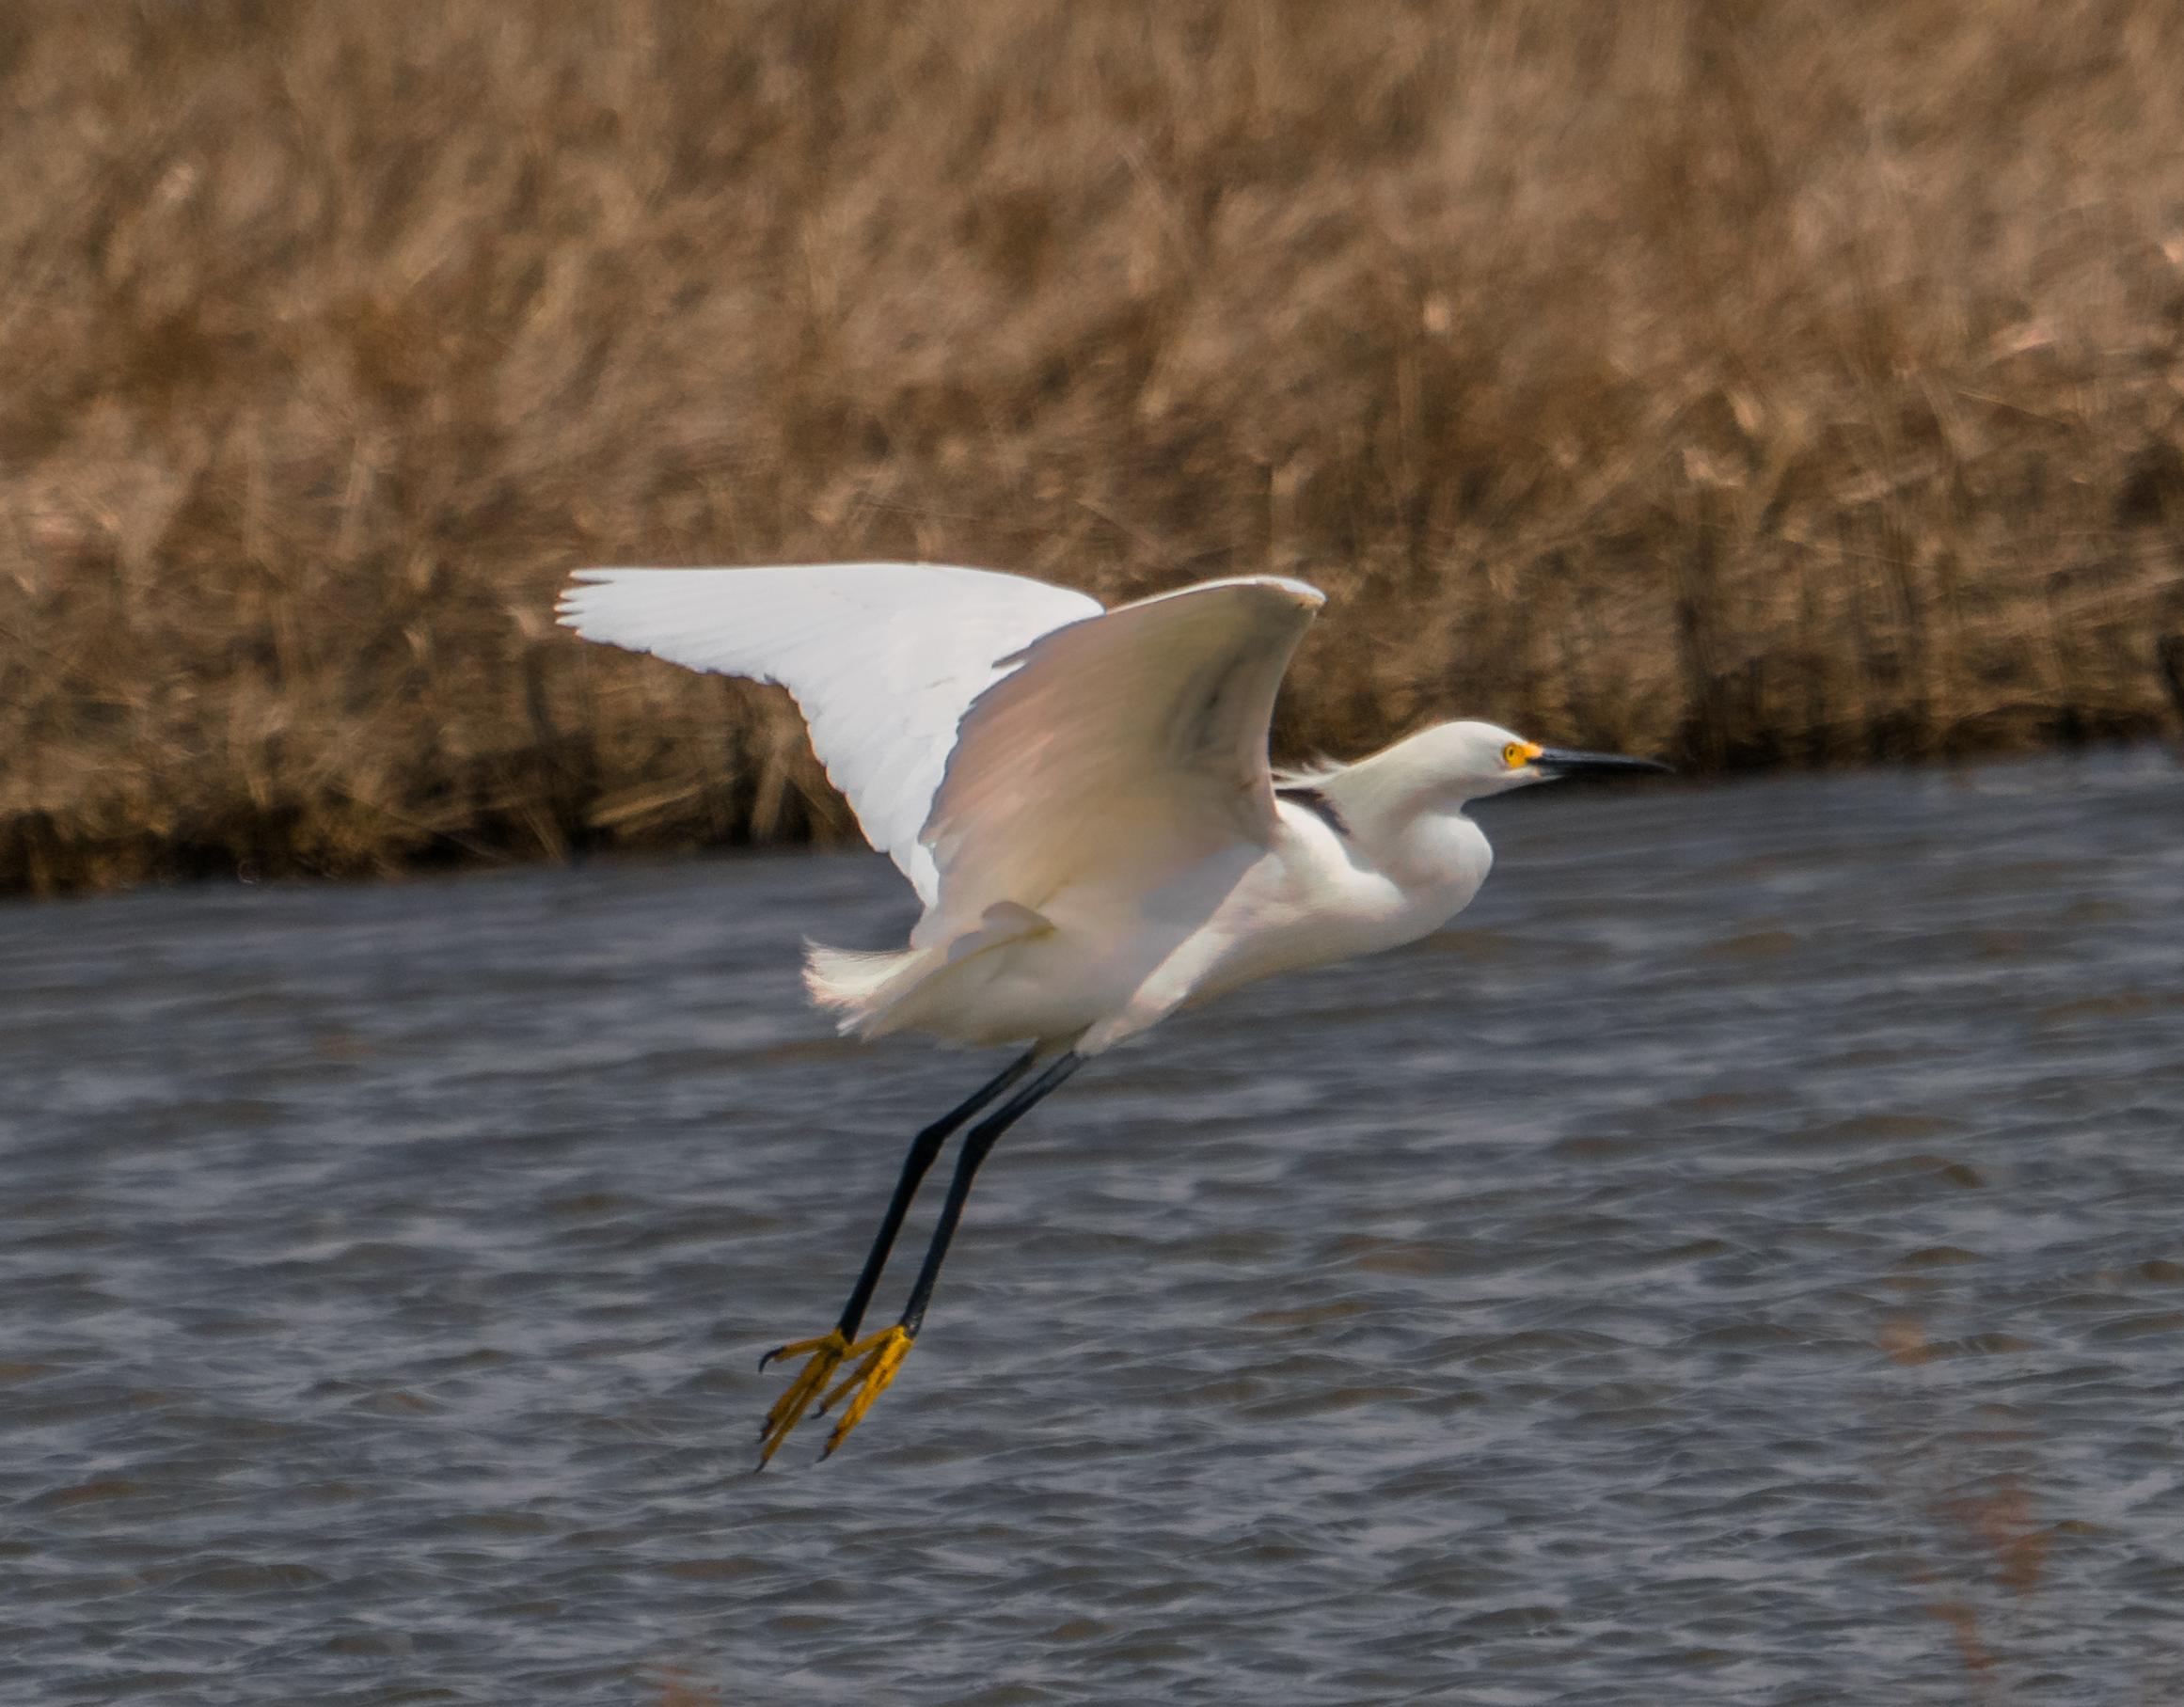 Snowy Egret Flying over Salt Marsh pool.